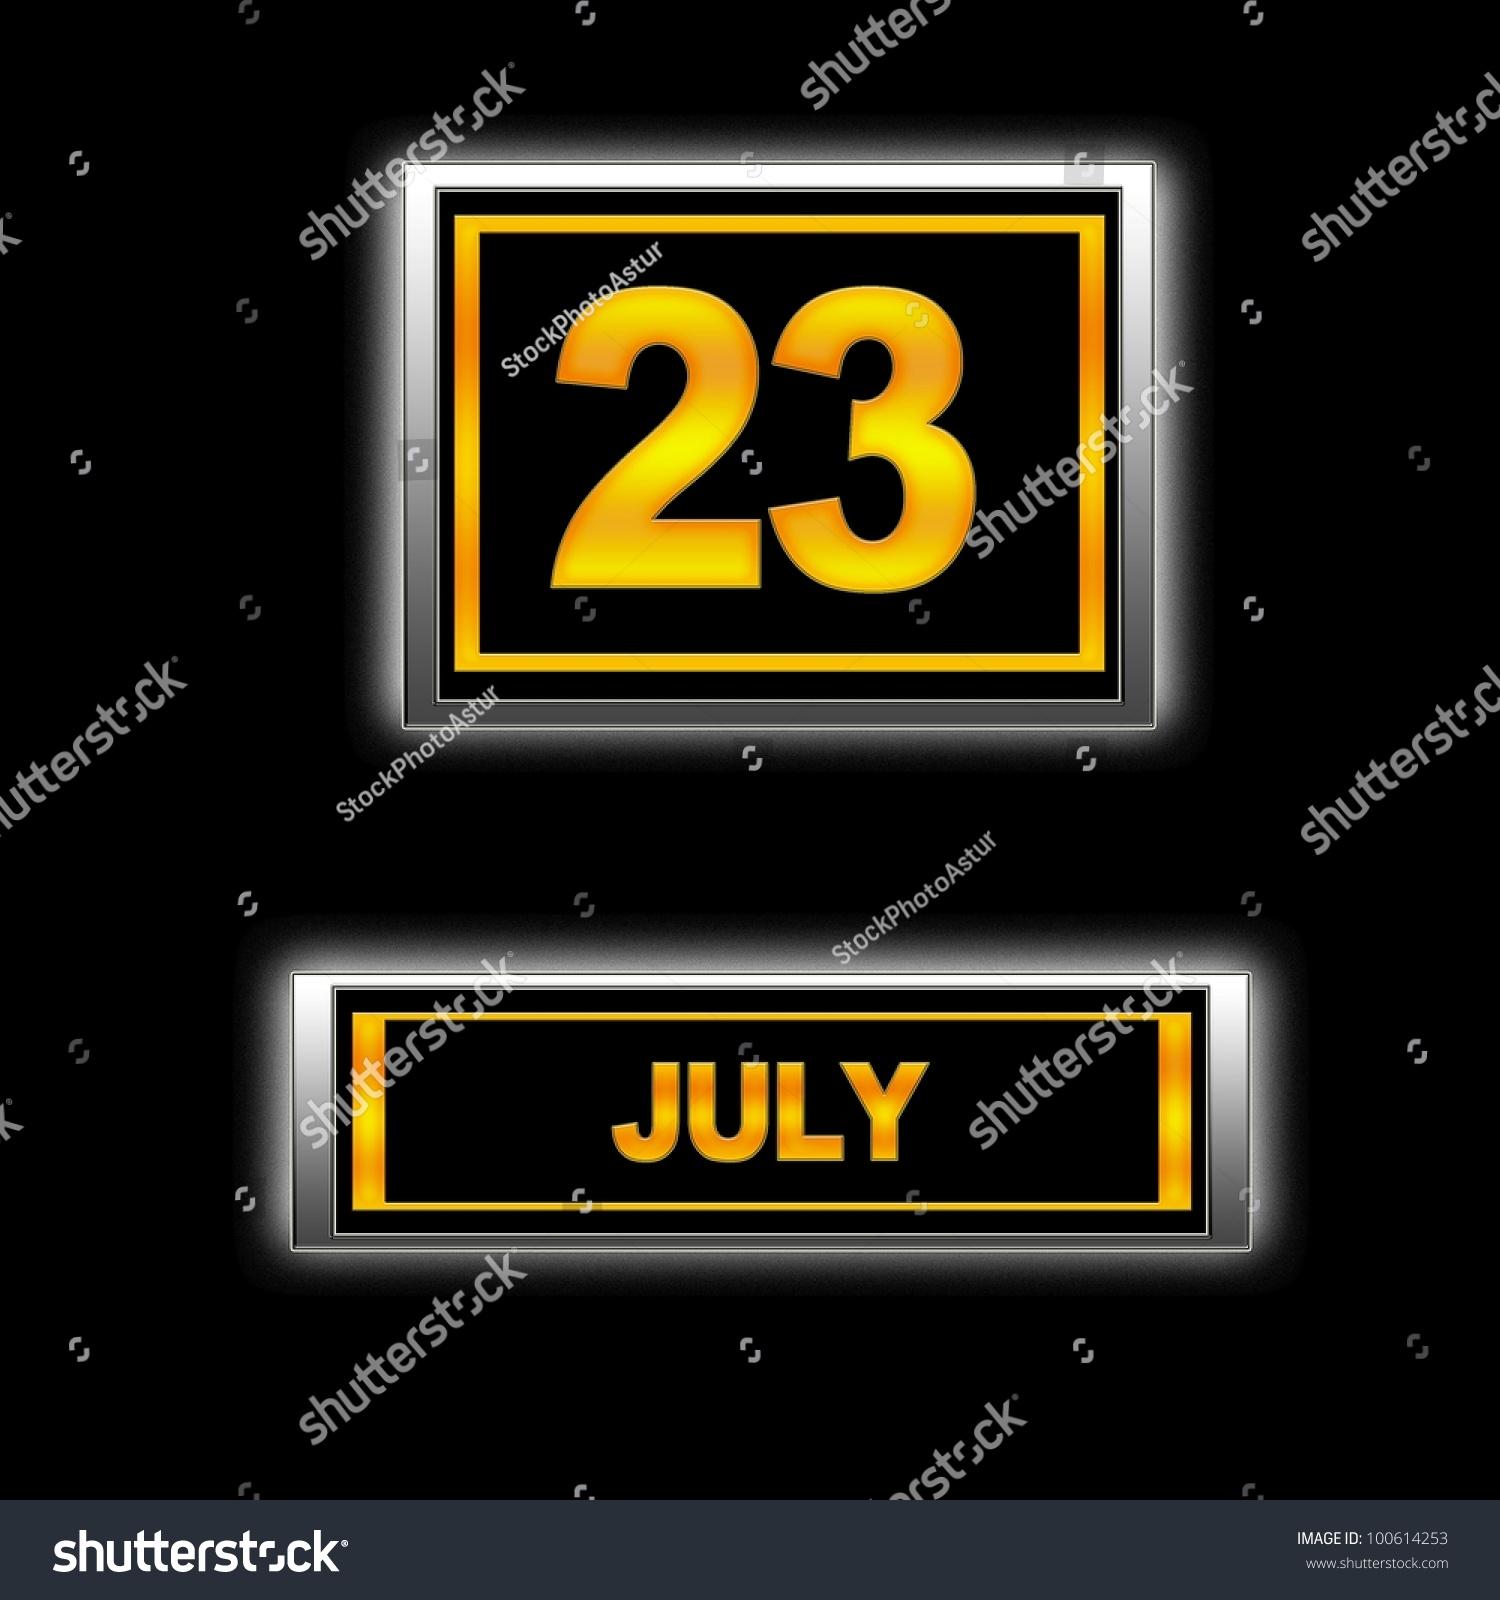 July 23 #